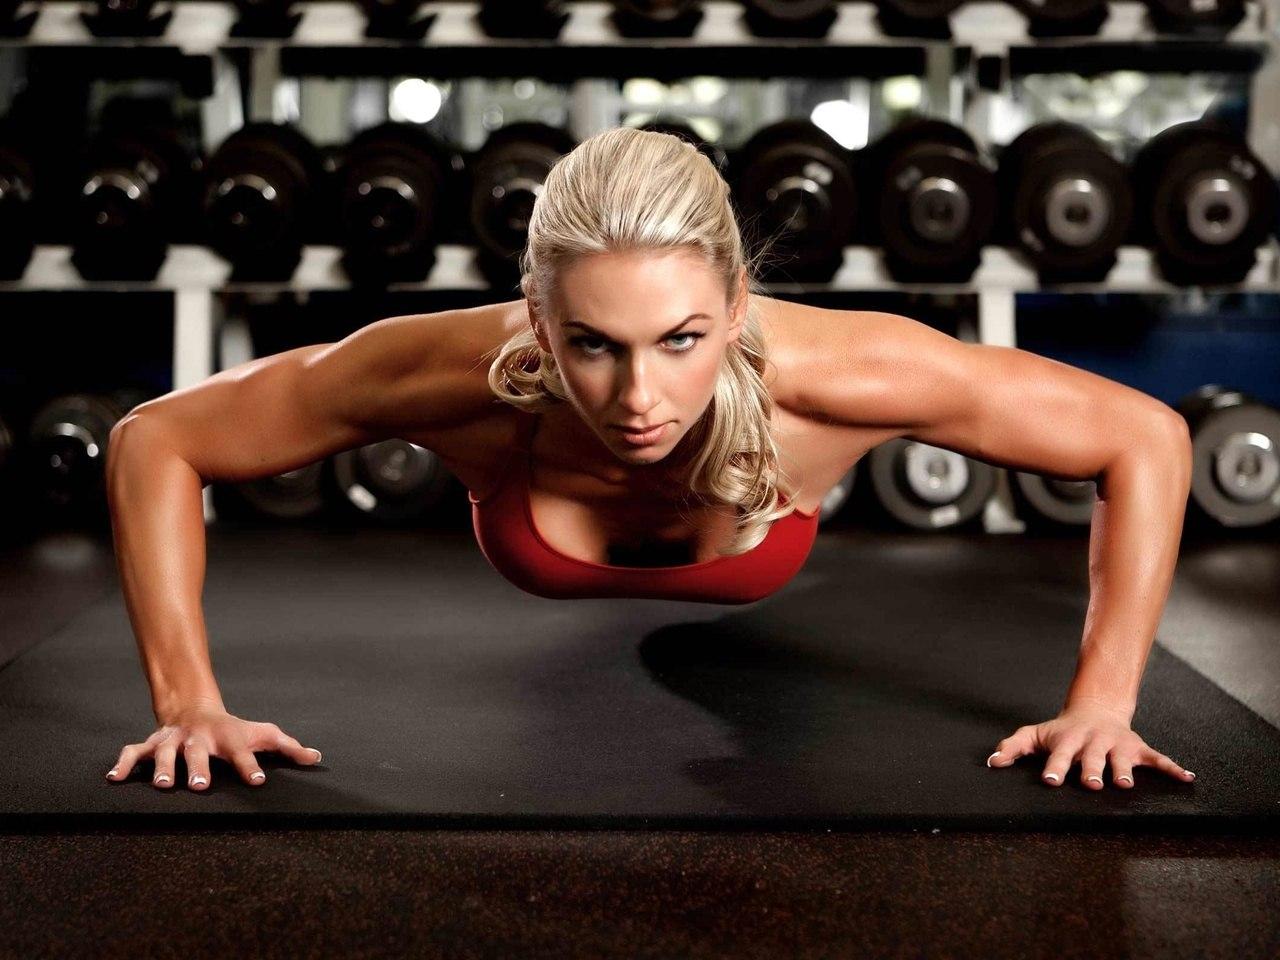 Виды и предназначение спортивного питания